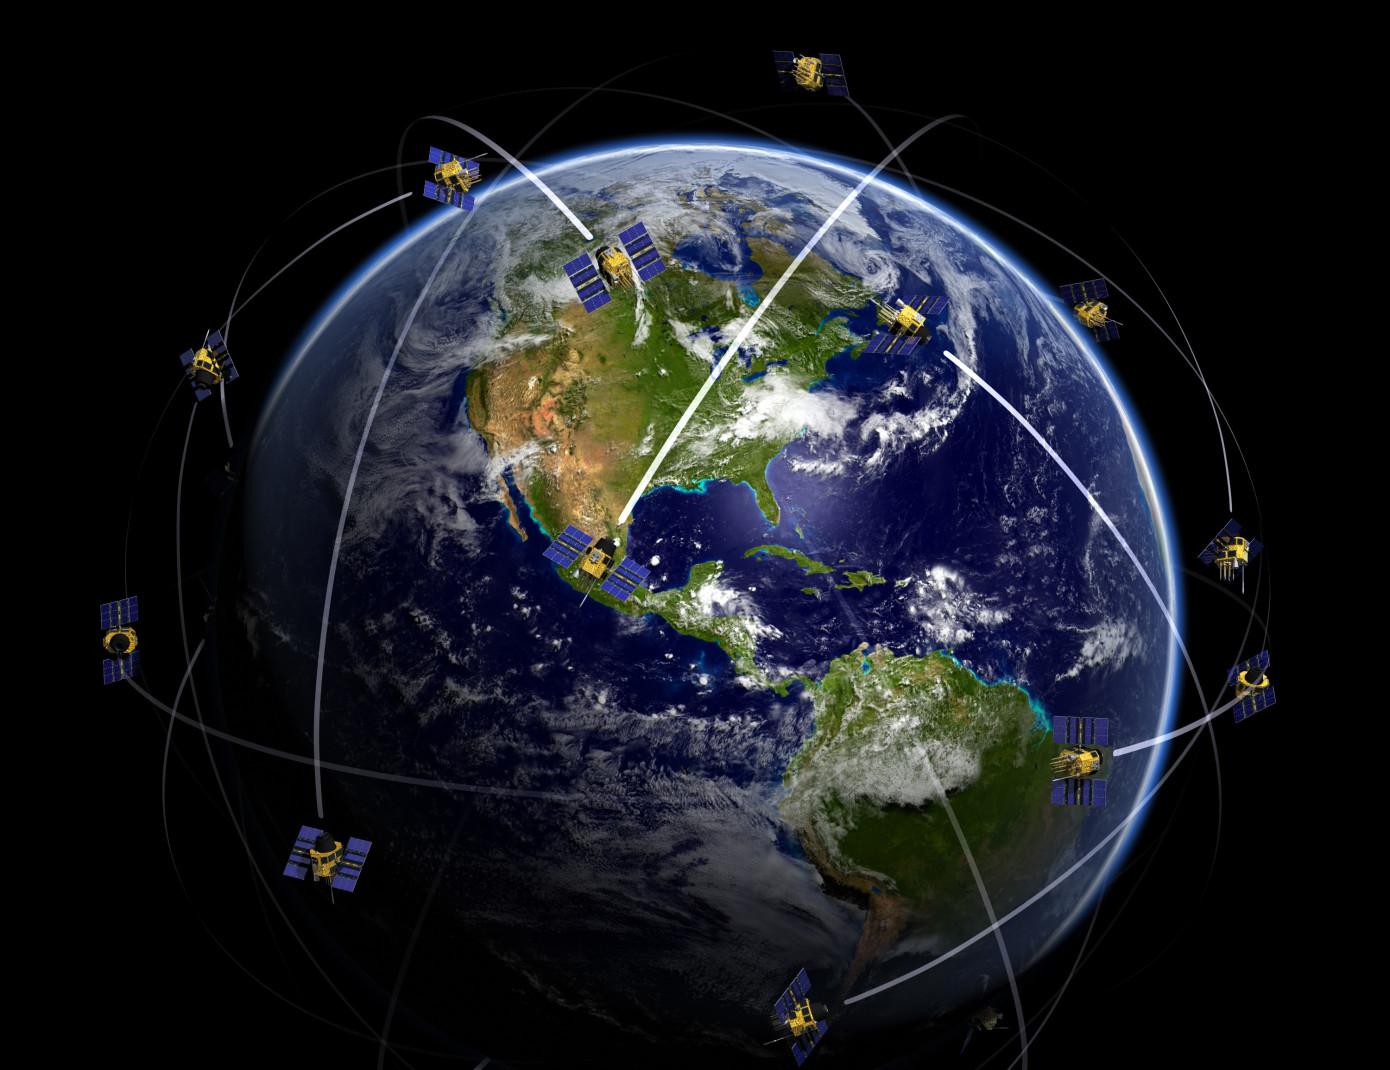 нее недоразвит спутники вокруг земли фото снятия жирных сливок